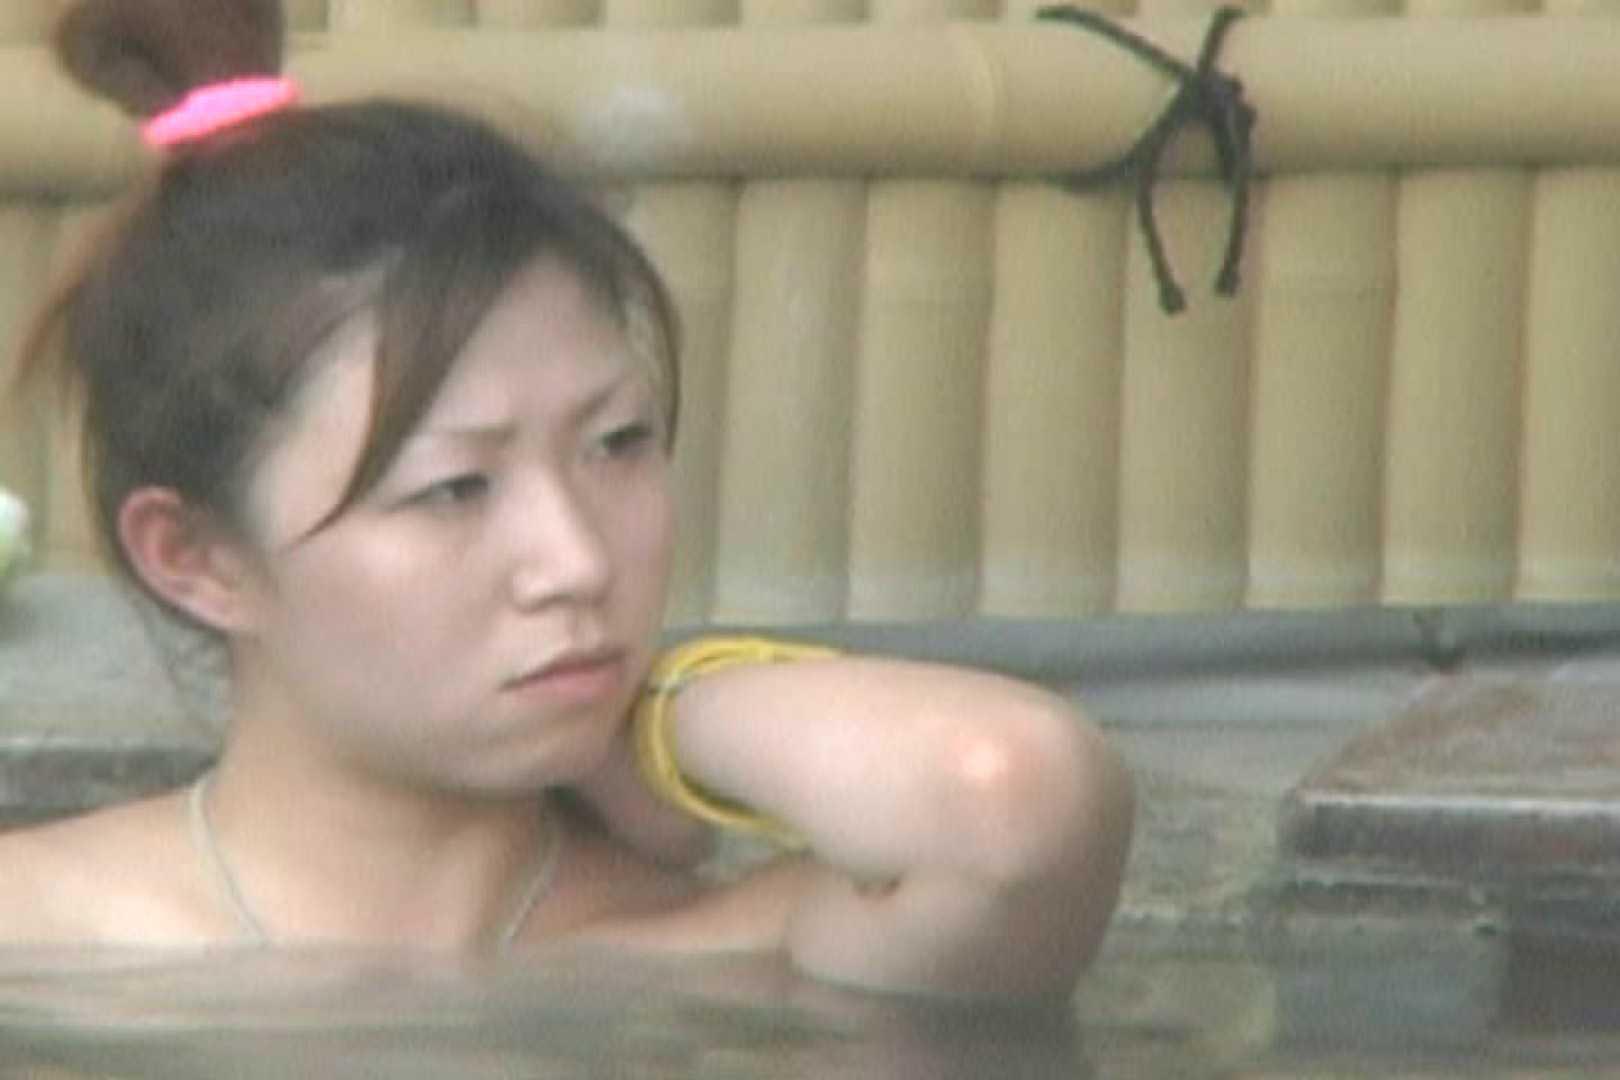 Aquaな露天風呂Vol.593 OLのエロ生活 | 盗撮  45連発 10